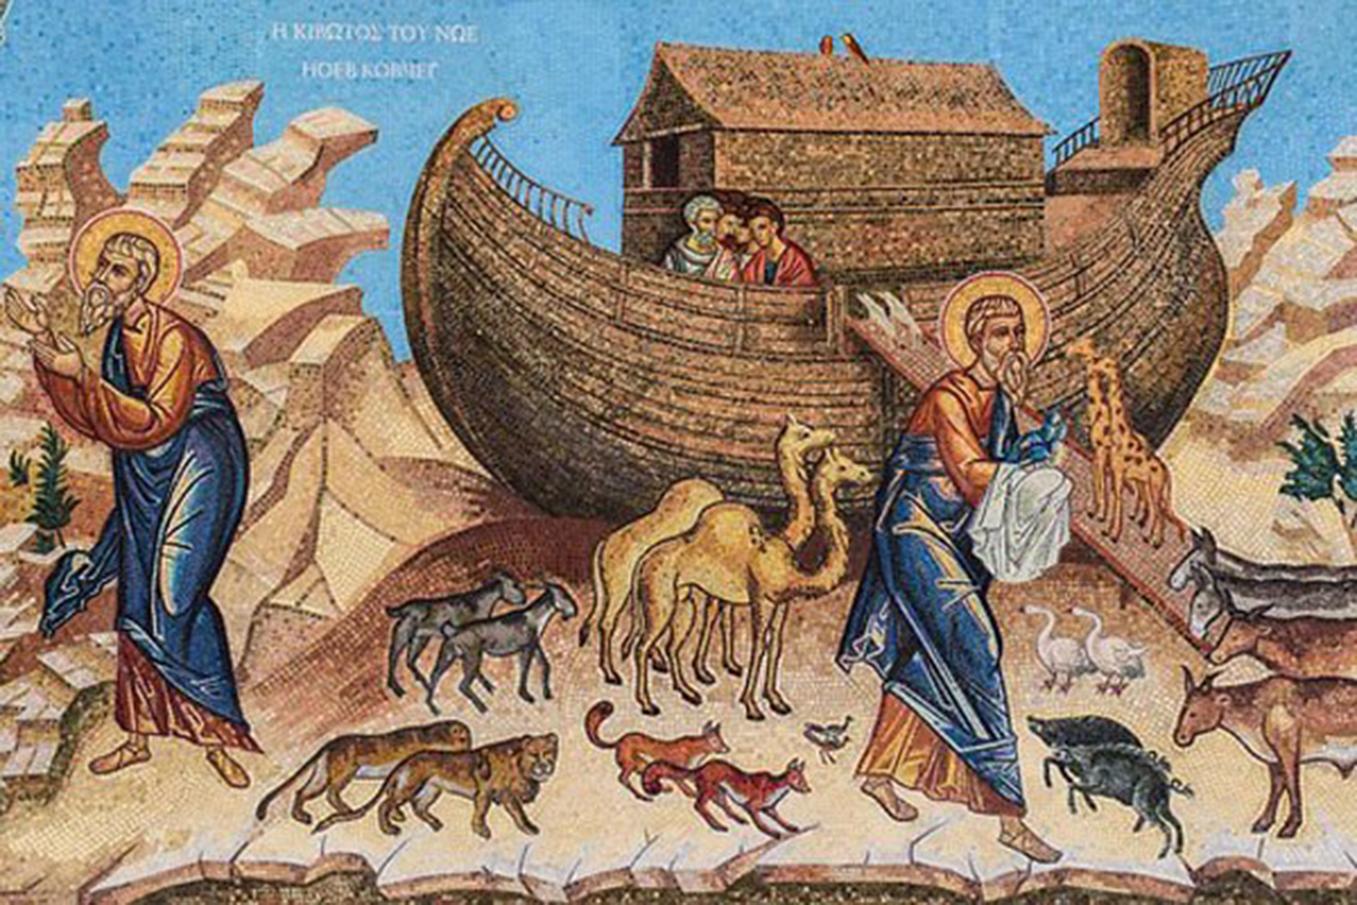 在全世界諸多民族都有關於大洪水毀滅文明的傳說。(pixabay)